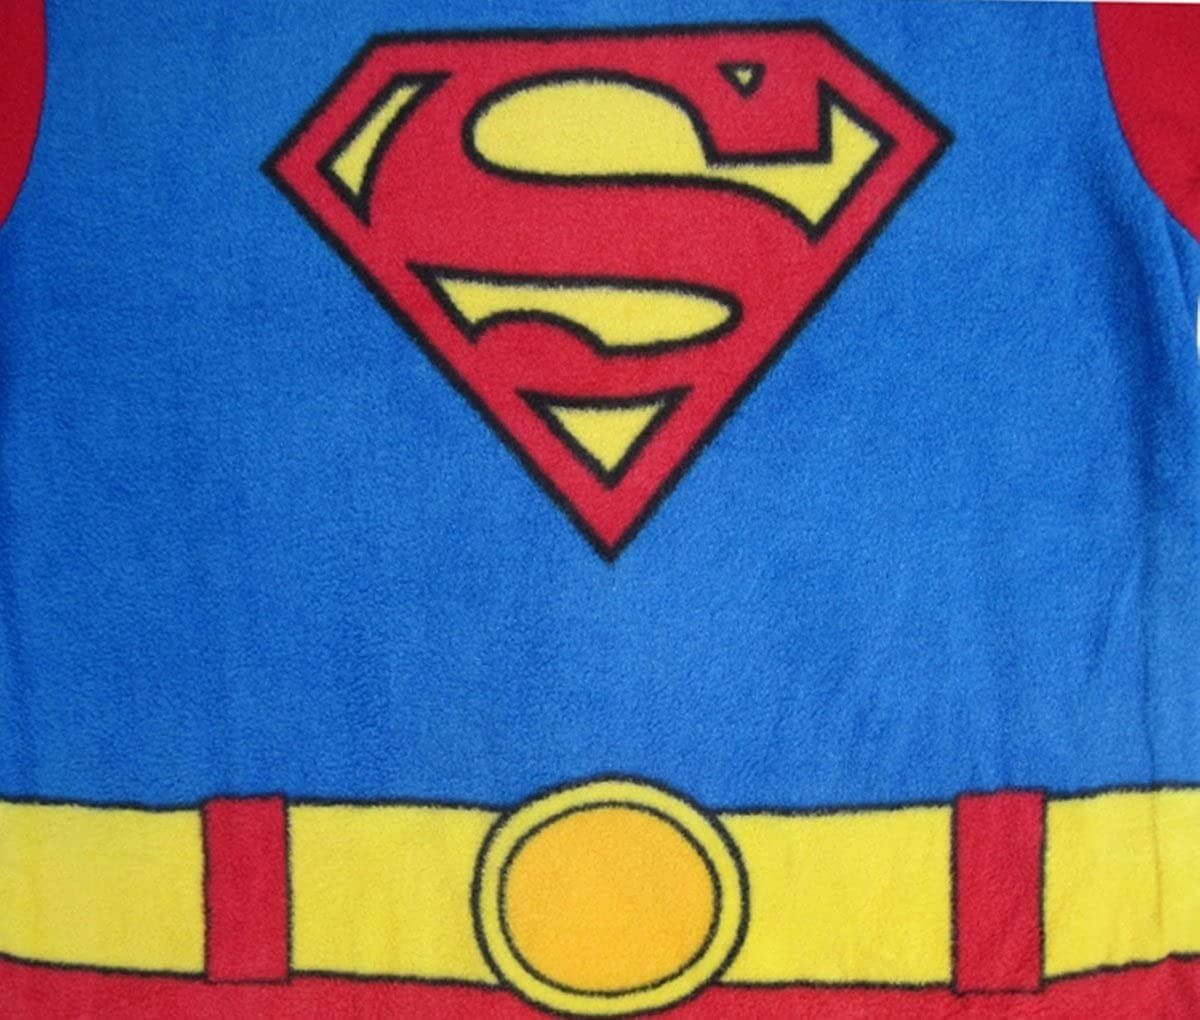 DC Comics Little Boys Supermans Pajama Pant Set. Sizes 2T-4T